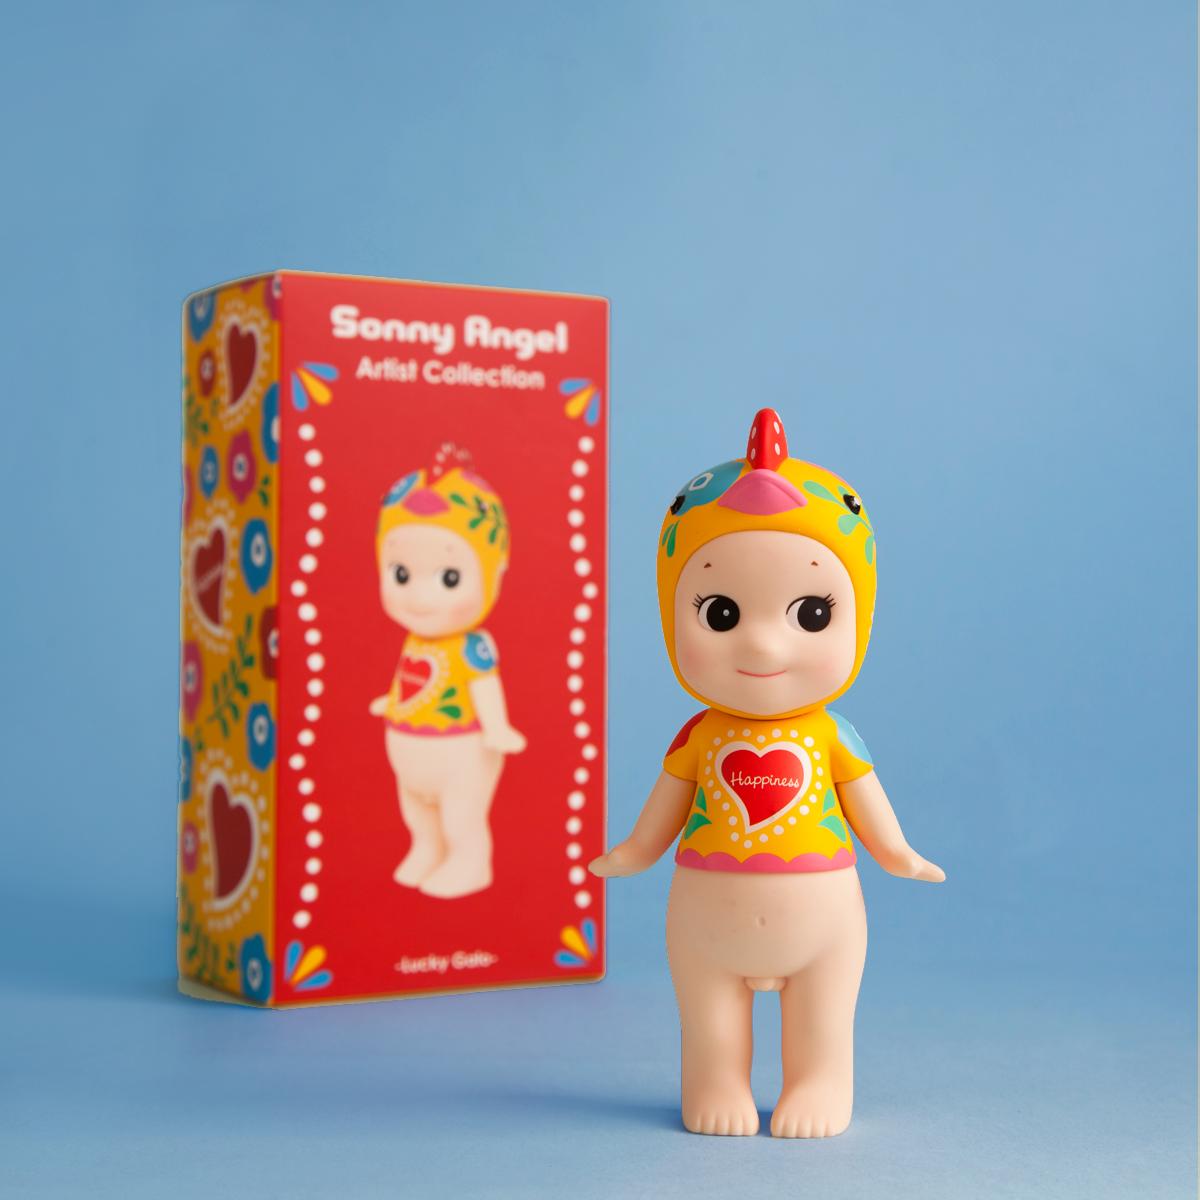 בובת תרנגול מסדרת Sonny Angel- Artist Collection -Lucky Galo